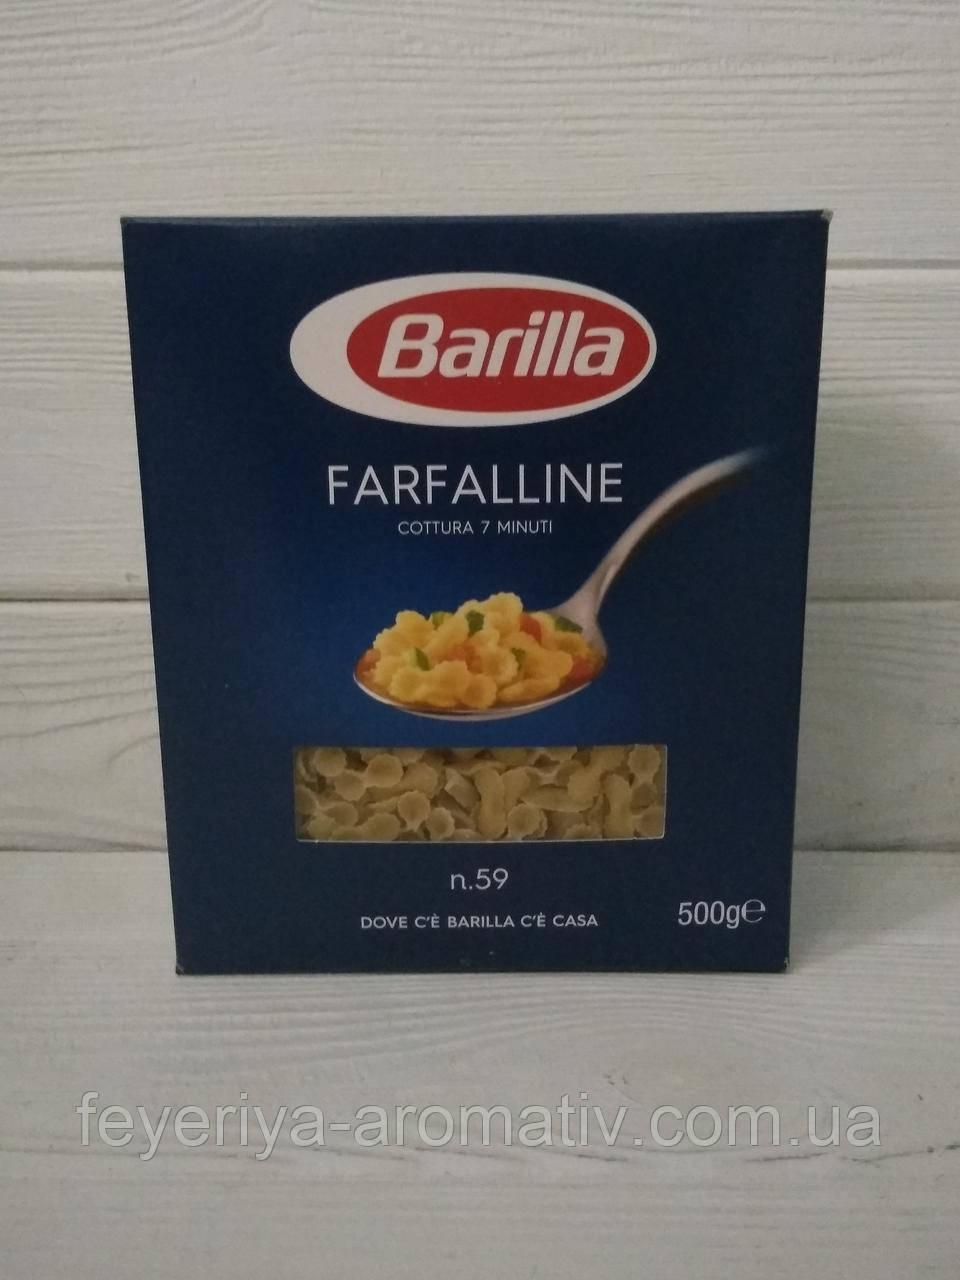 Макароны Barilla Farfalline n59 500g (Италия)